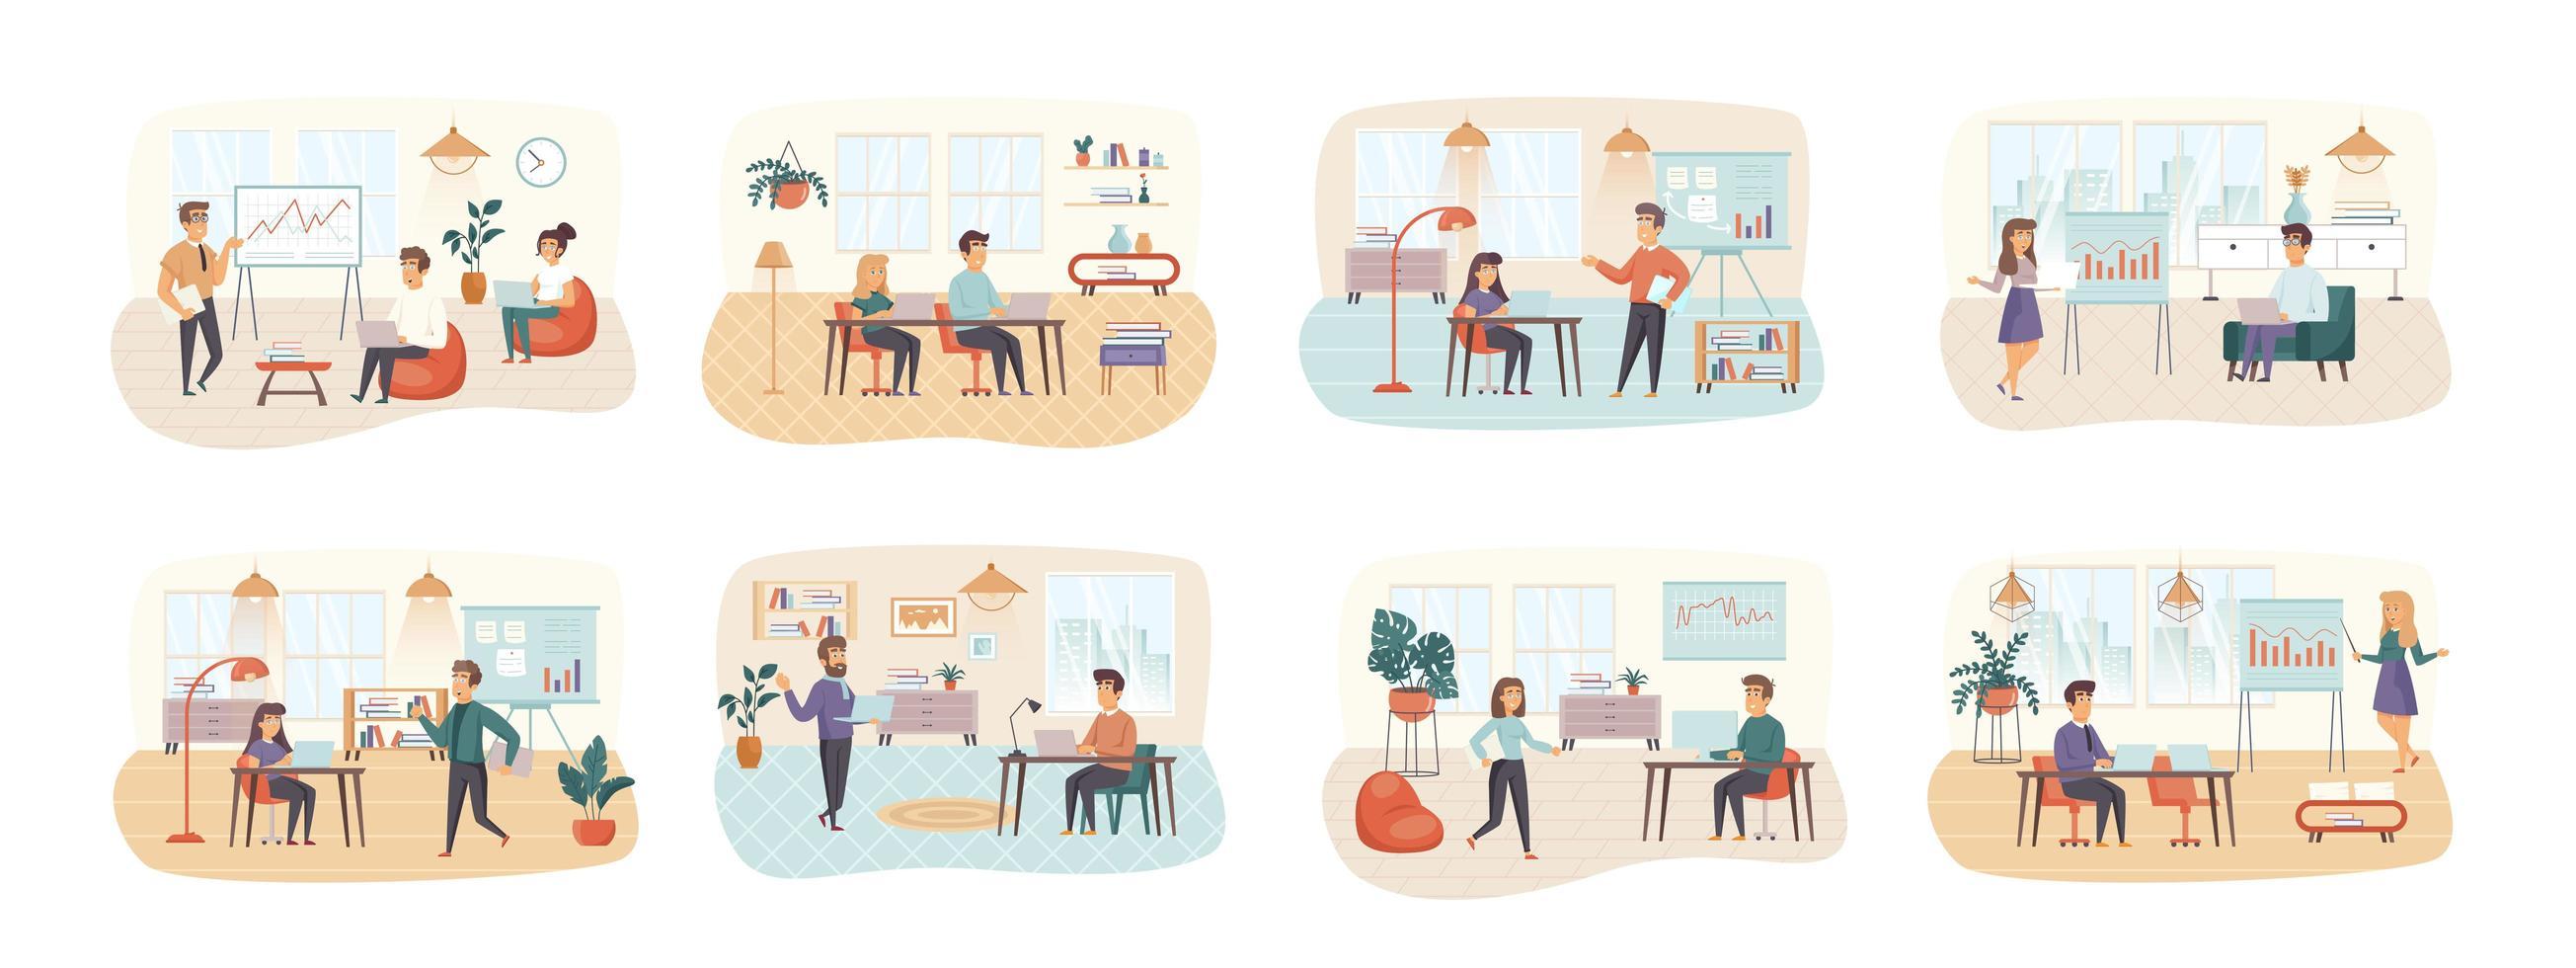 Office Manager-Bündel von Szenen mit Personencharakteren vektor